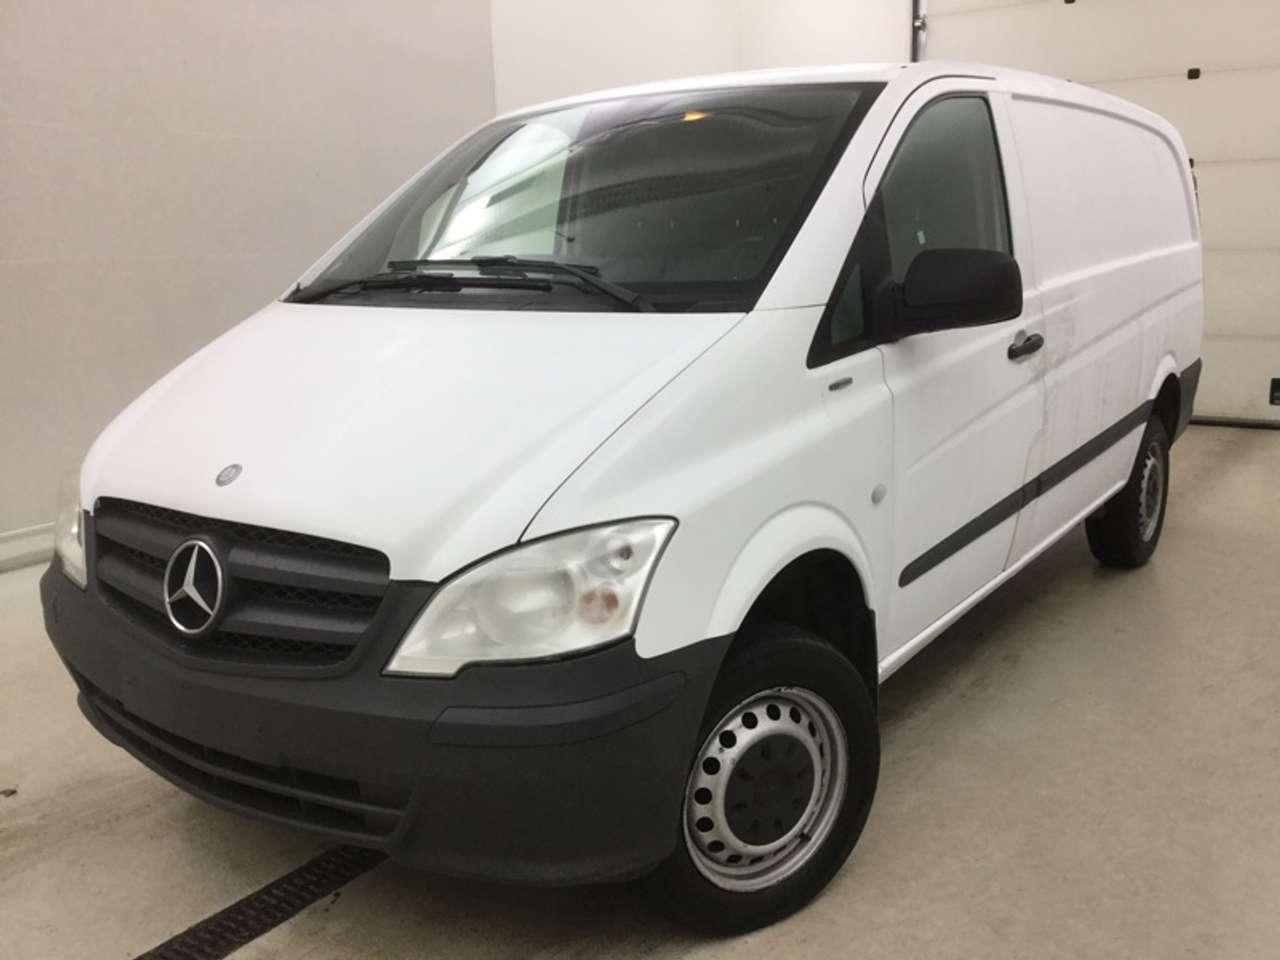 Mercedes-Benz Vito 113 CDI lang Kasten 4x4 Getriebe macht Geräusch